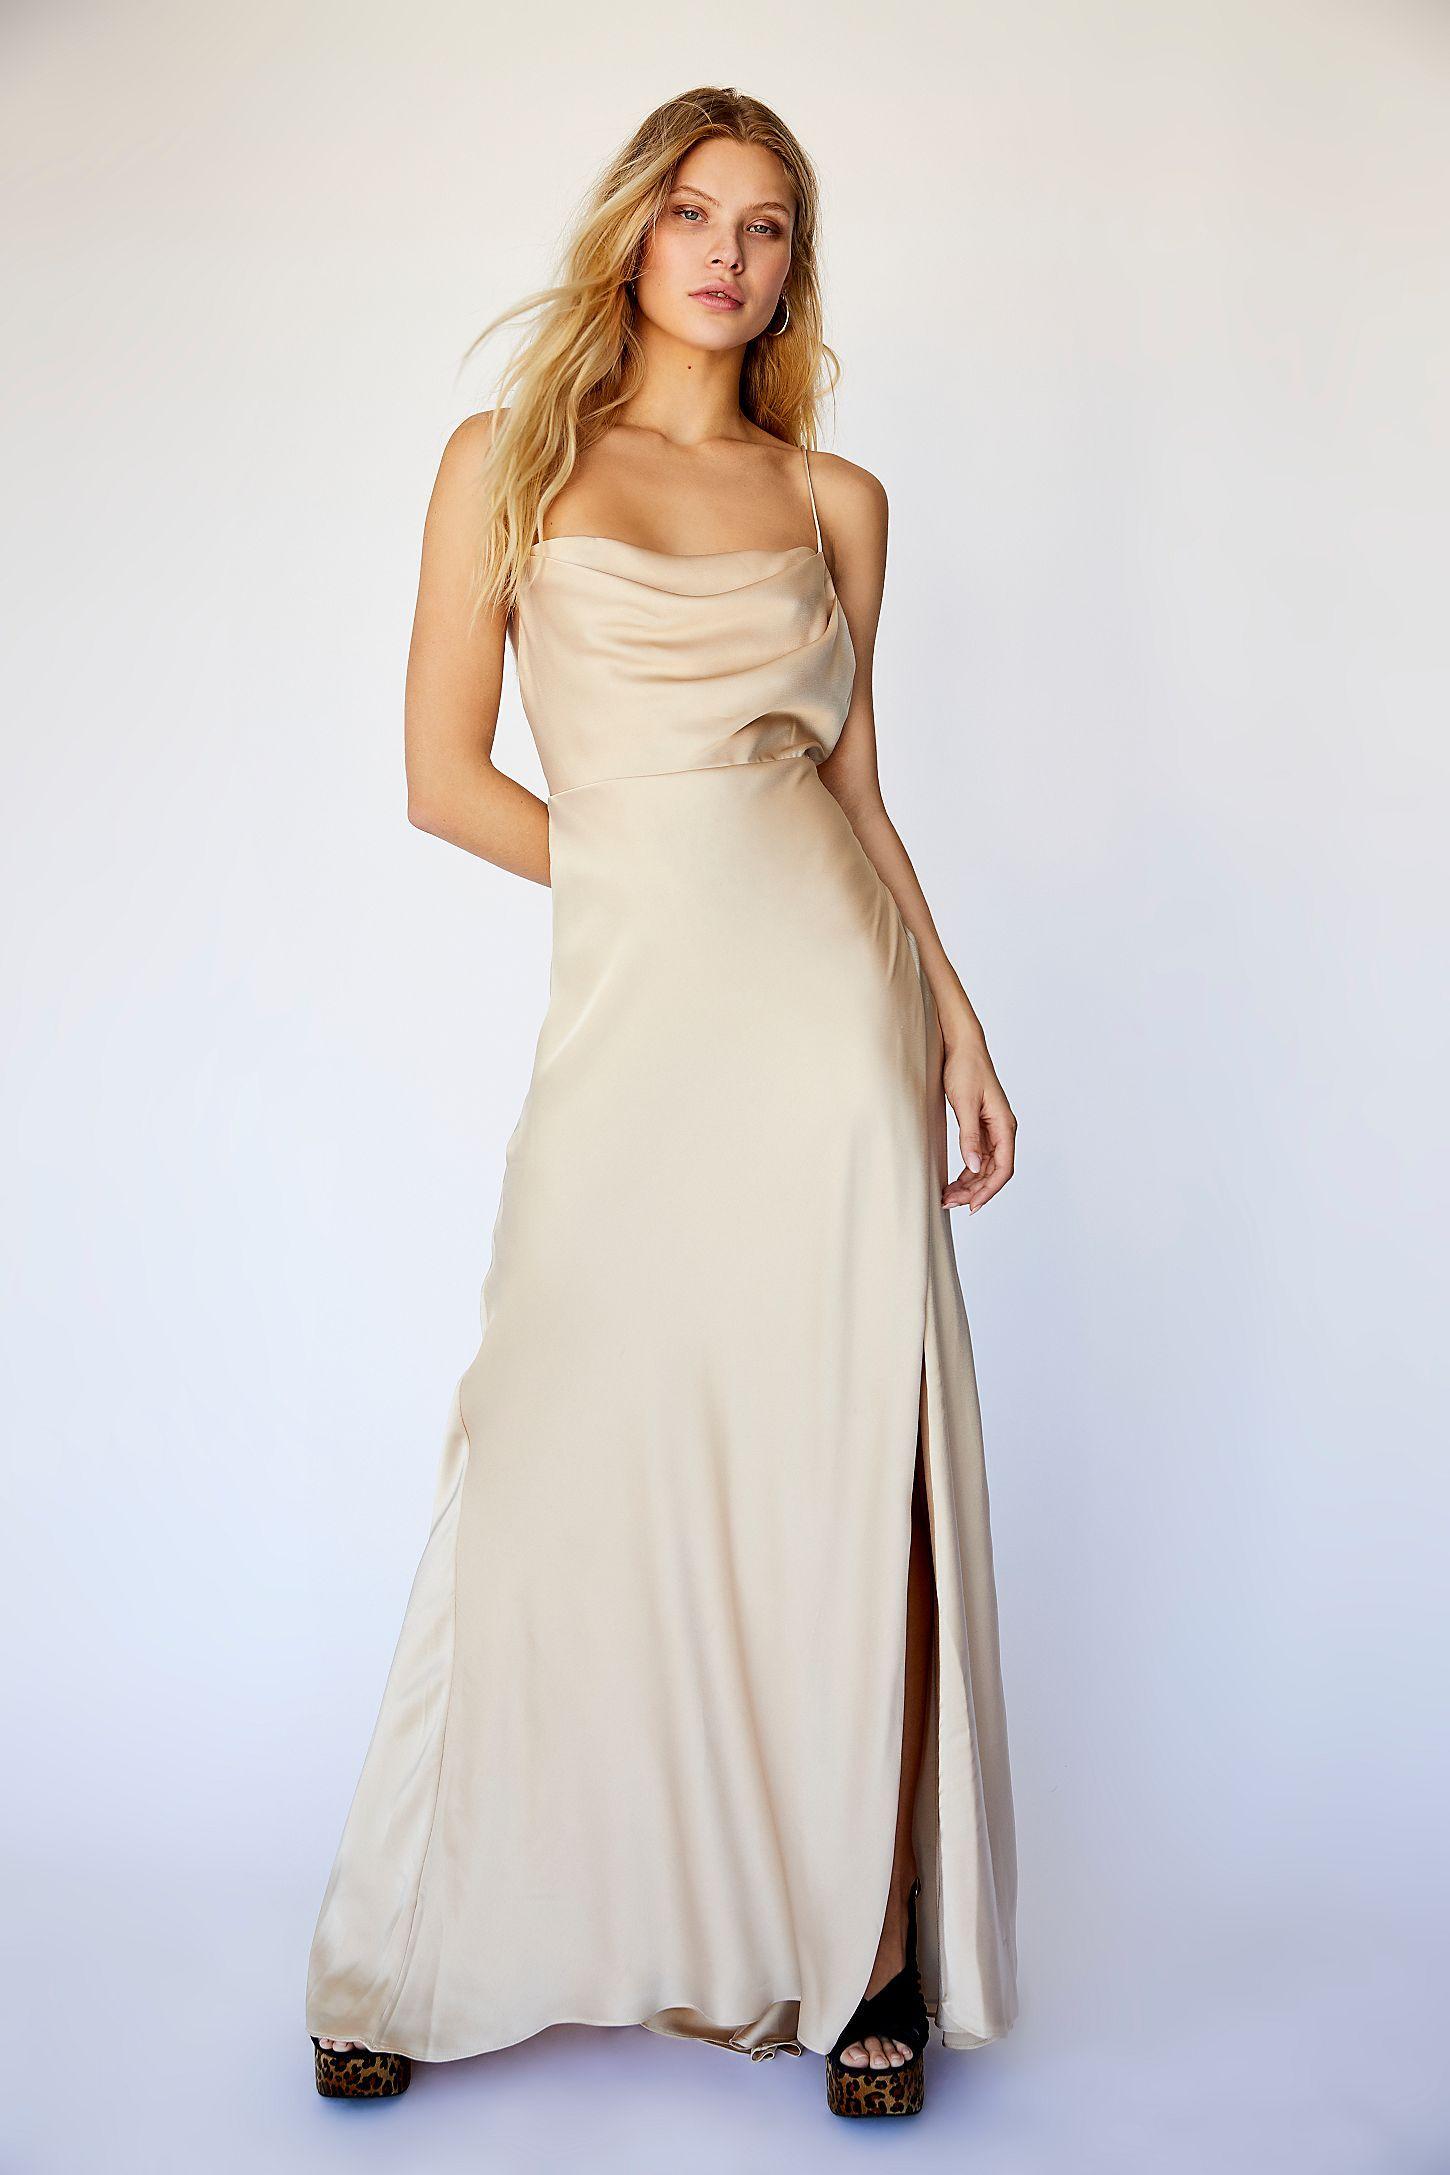 27314069bd6 Slide View 2  The Rosabel Maxi Dress. Slide View 2  The Rosabel Maxi Dress  Free People ...